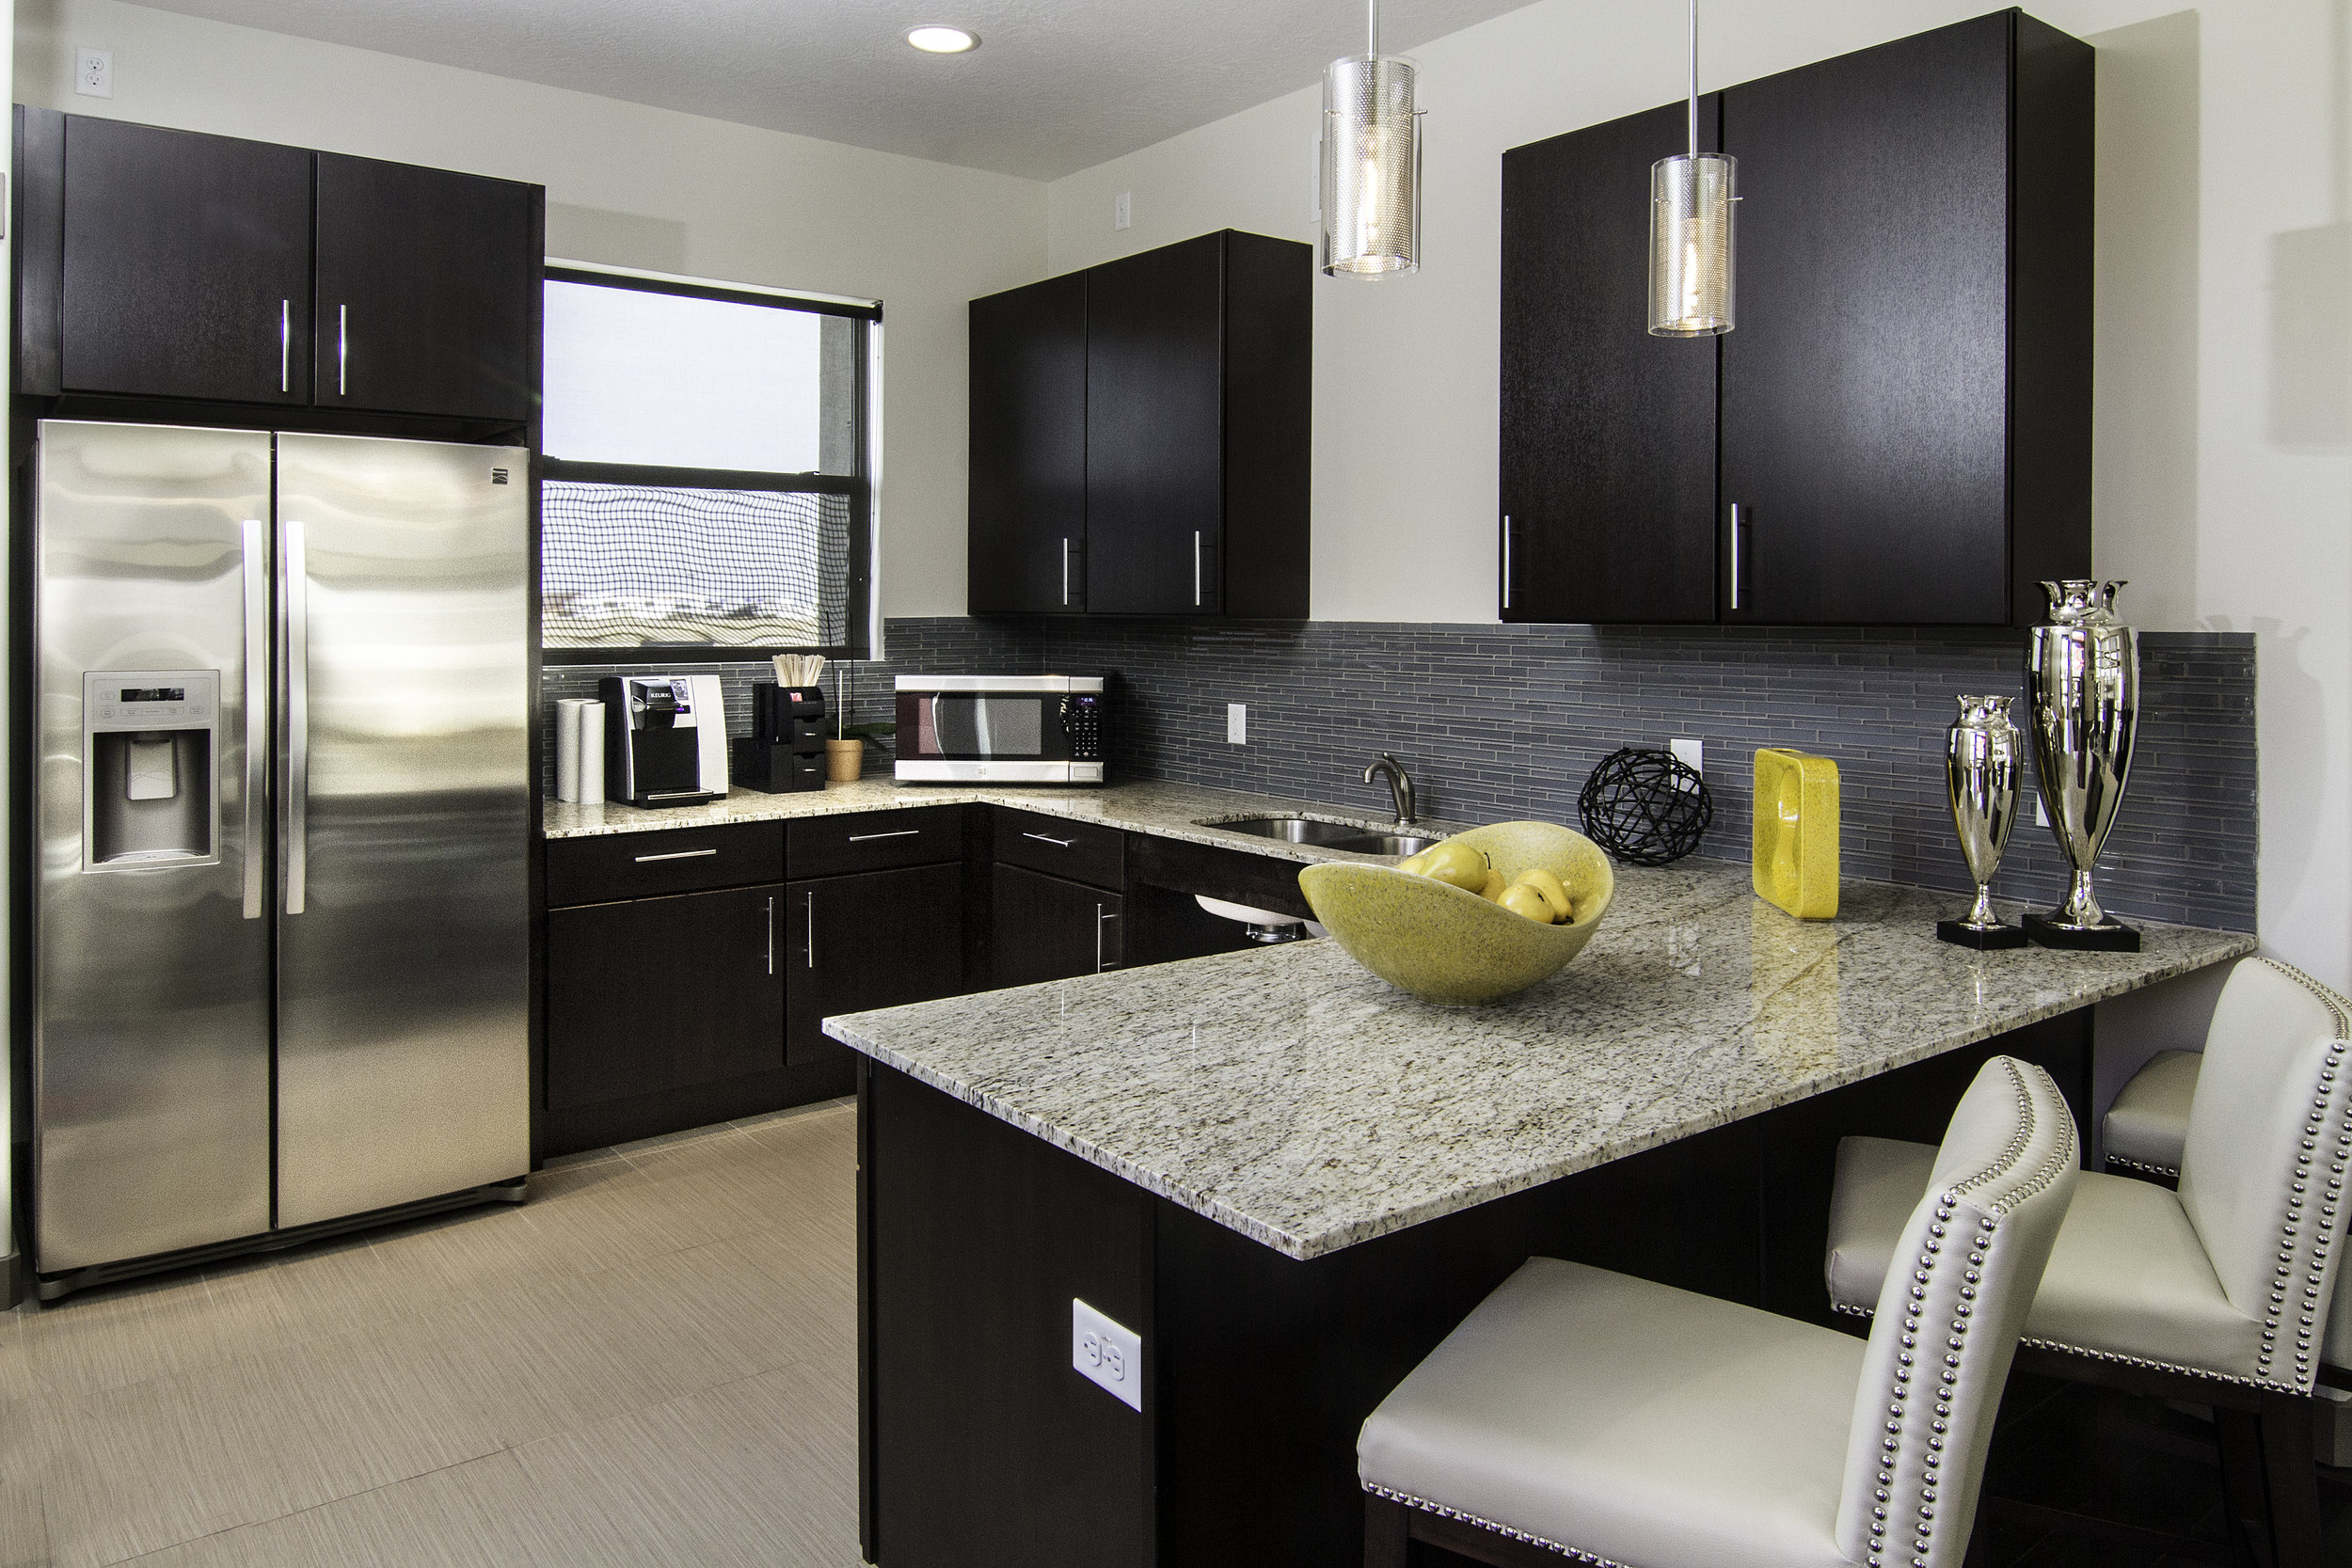 C Kitchen Blanc Noir Interiors